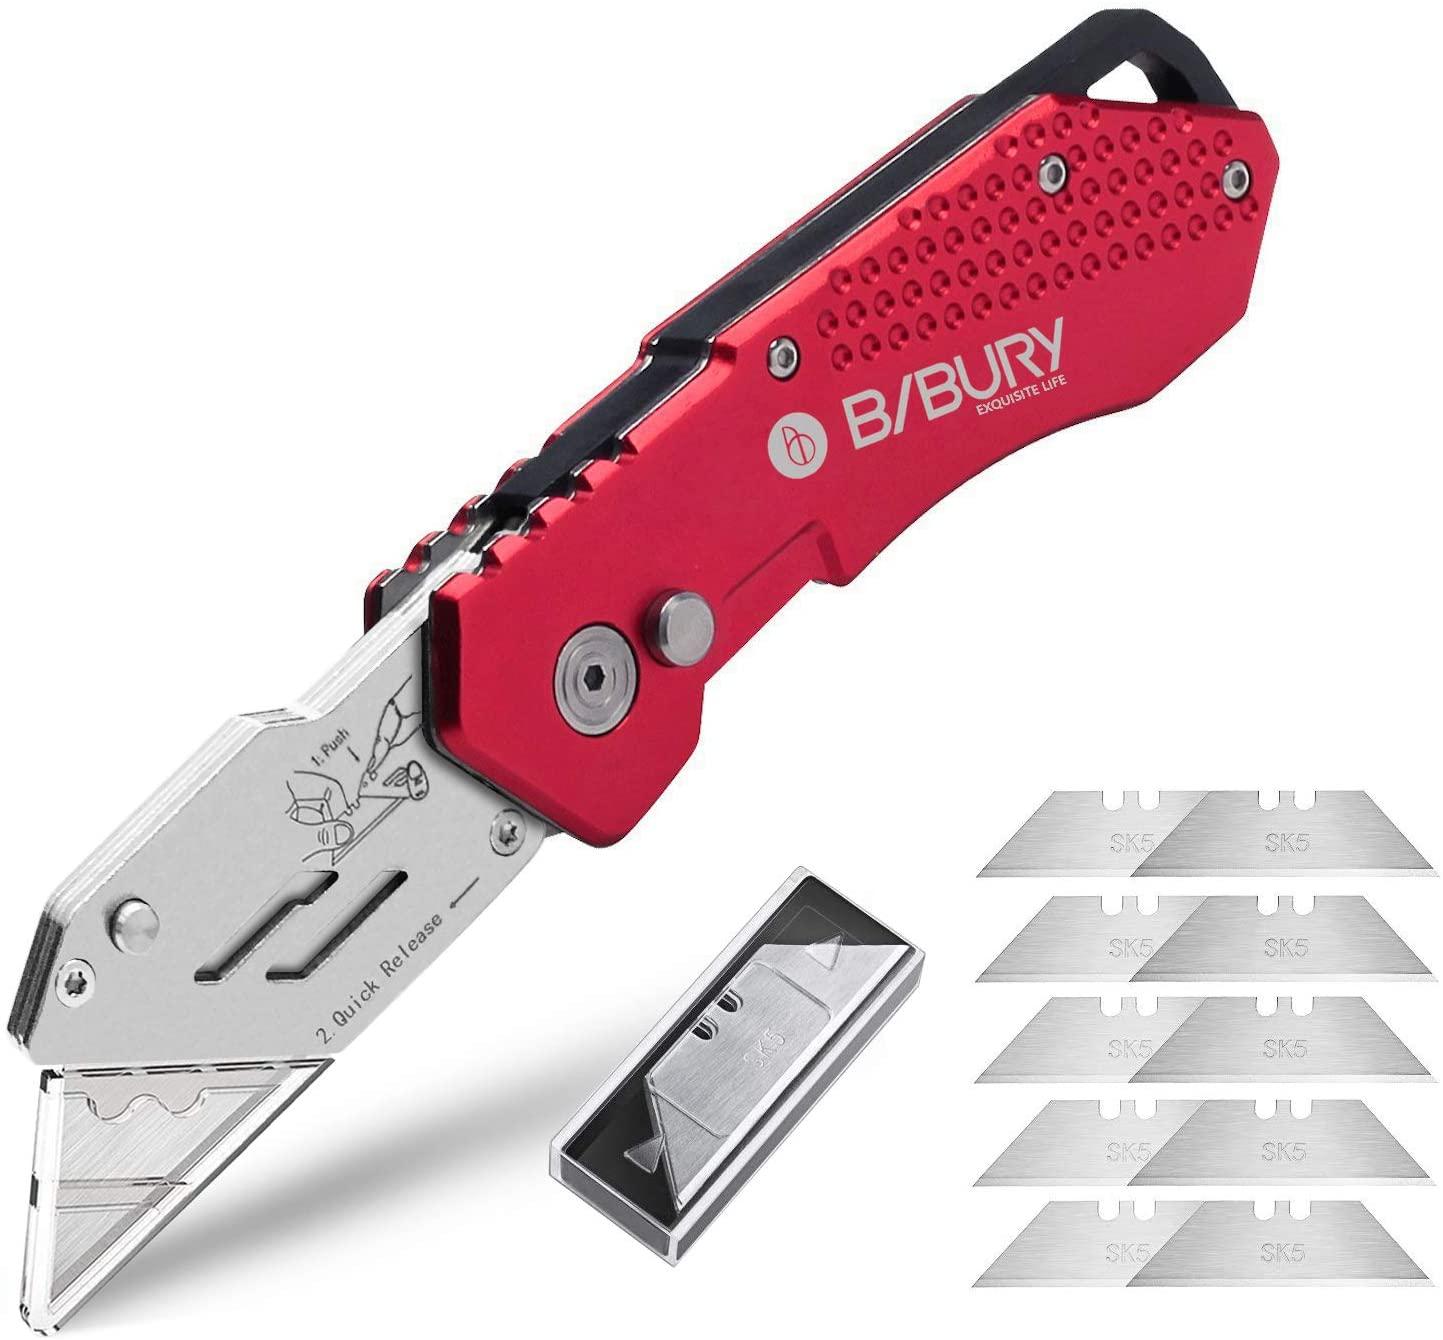 BIBURY Pocket Carpet Utility Knife